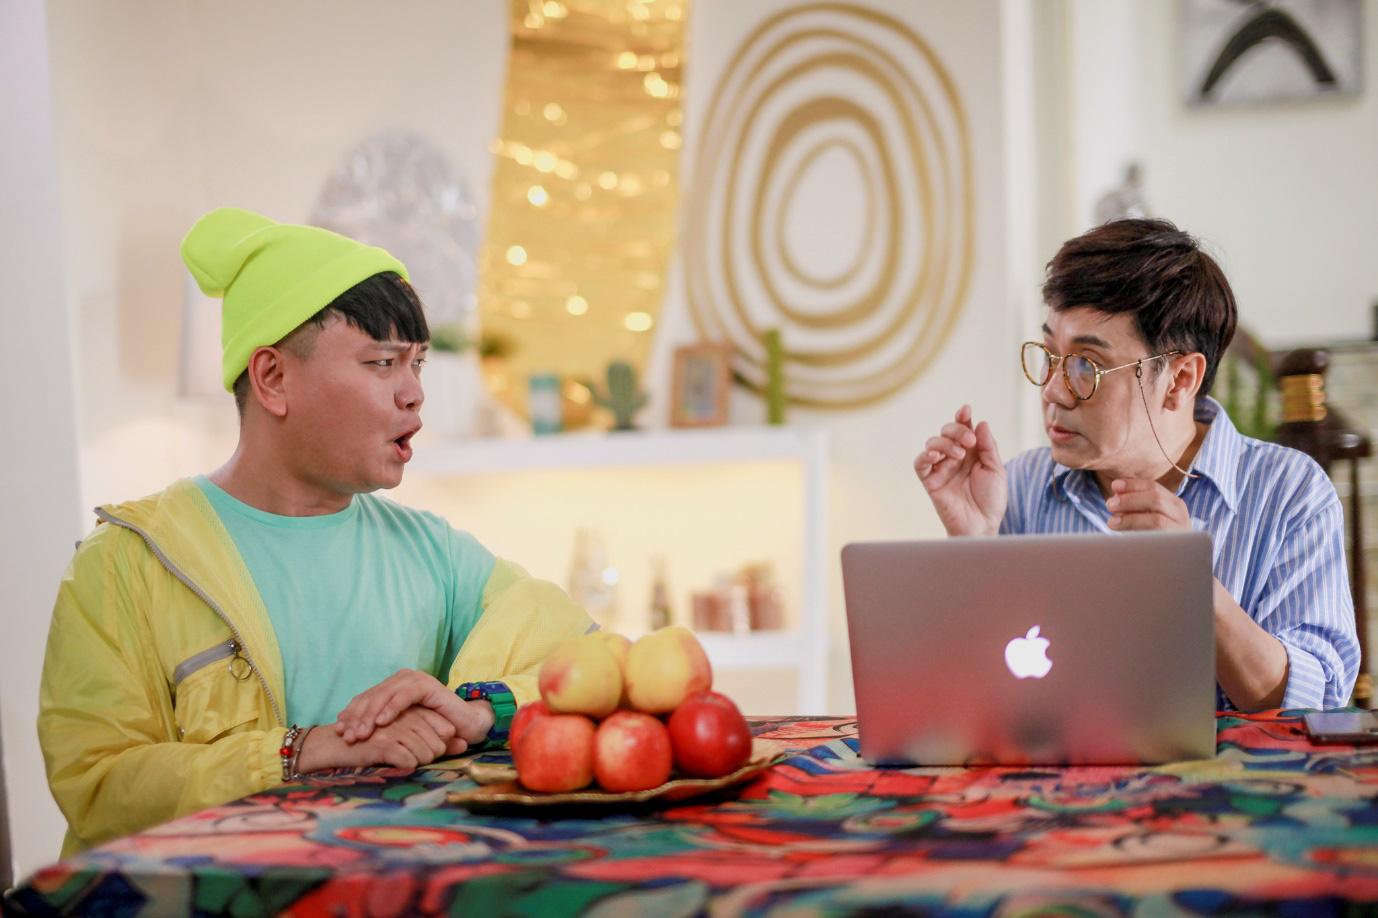 """Bộ phim Việt hài hước """"Ngôi nhà bươm bướm"""" được phát hành online - Ảnh 5."""